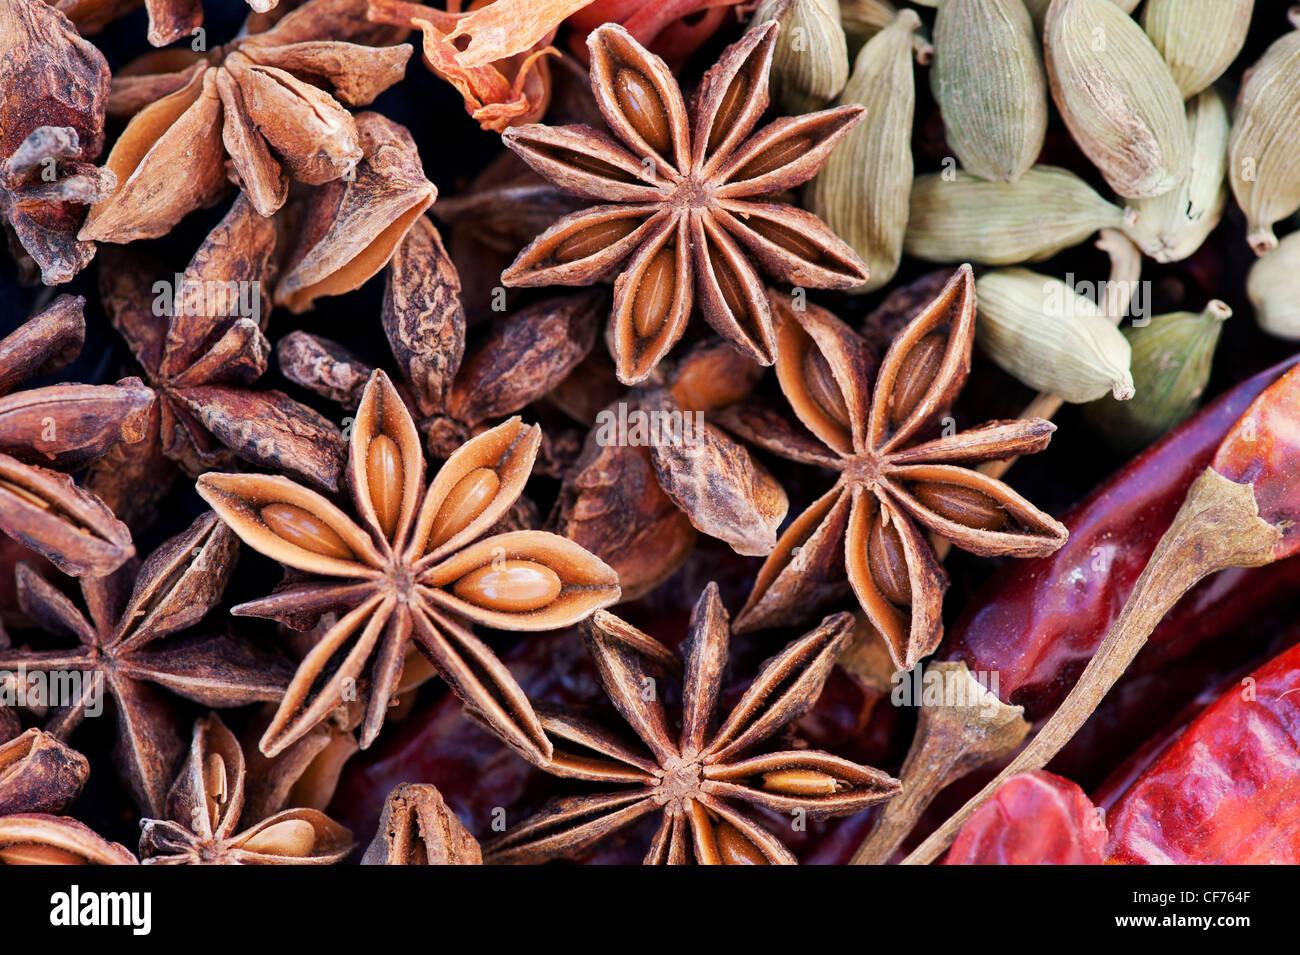 Indische Küche Gewürze Muster. Flach Fotografie von oben. Stockbild